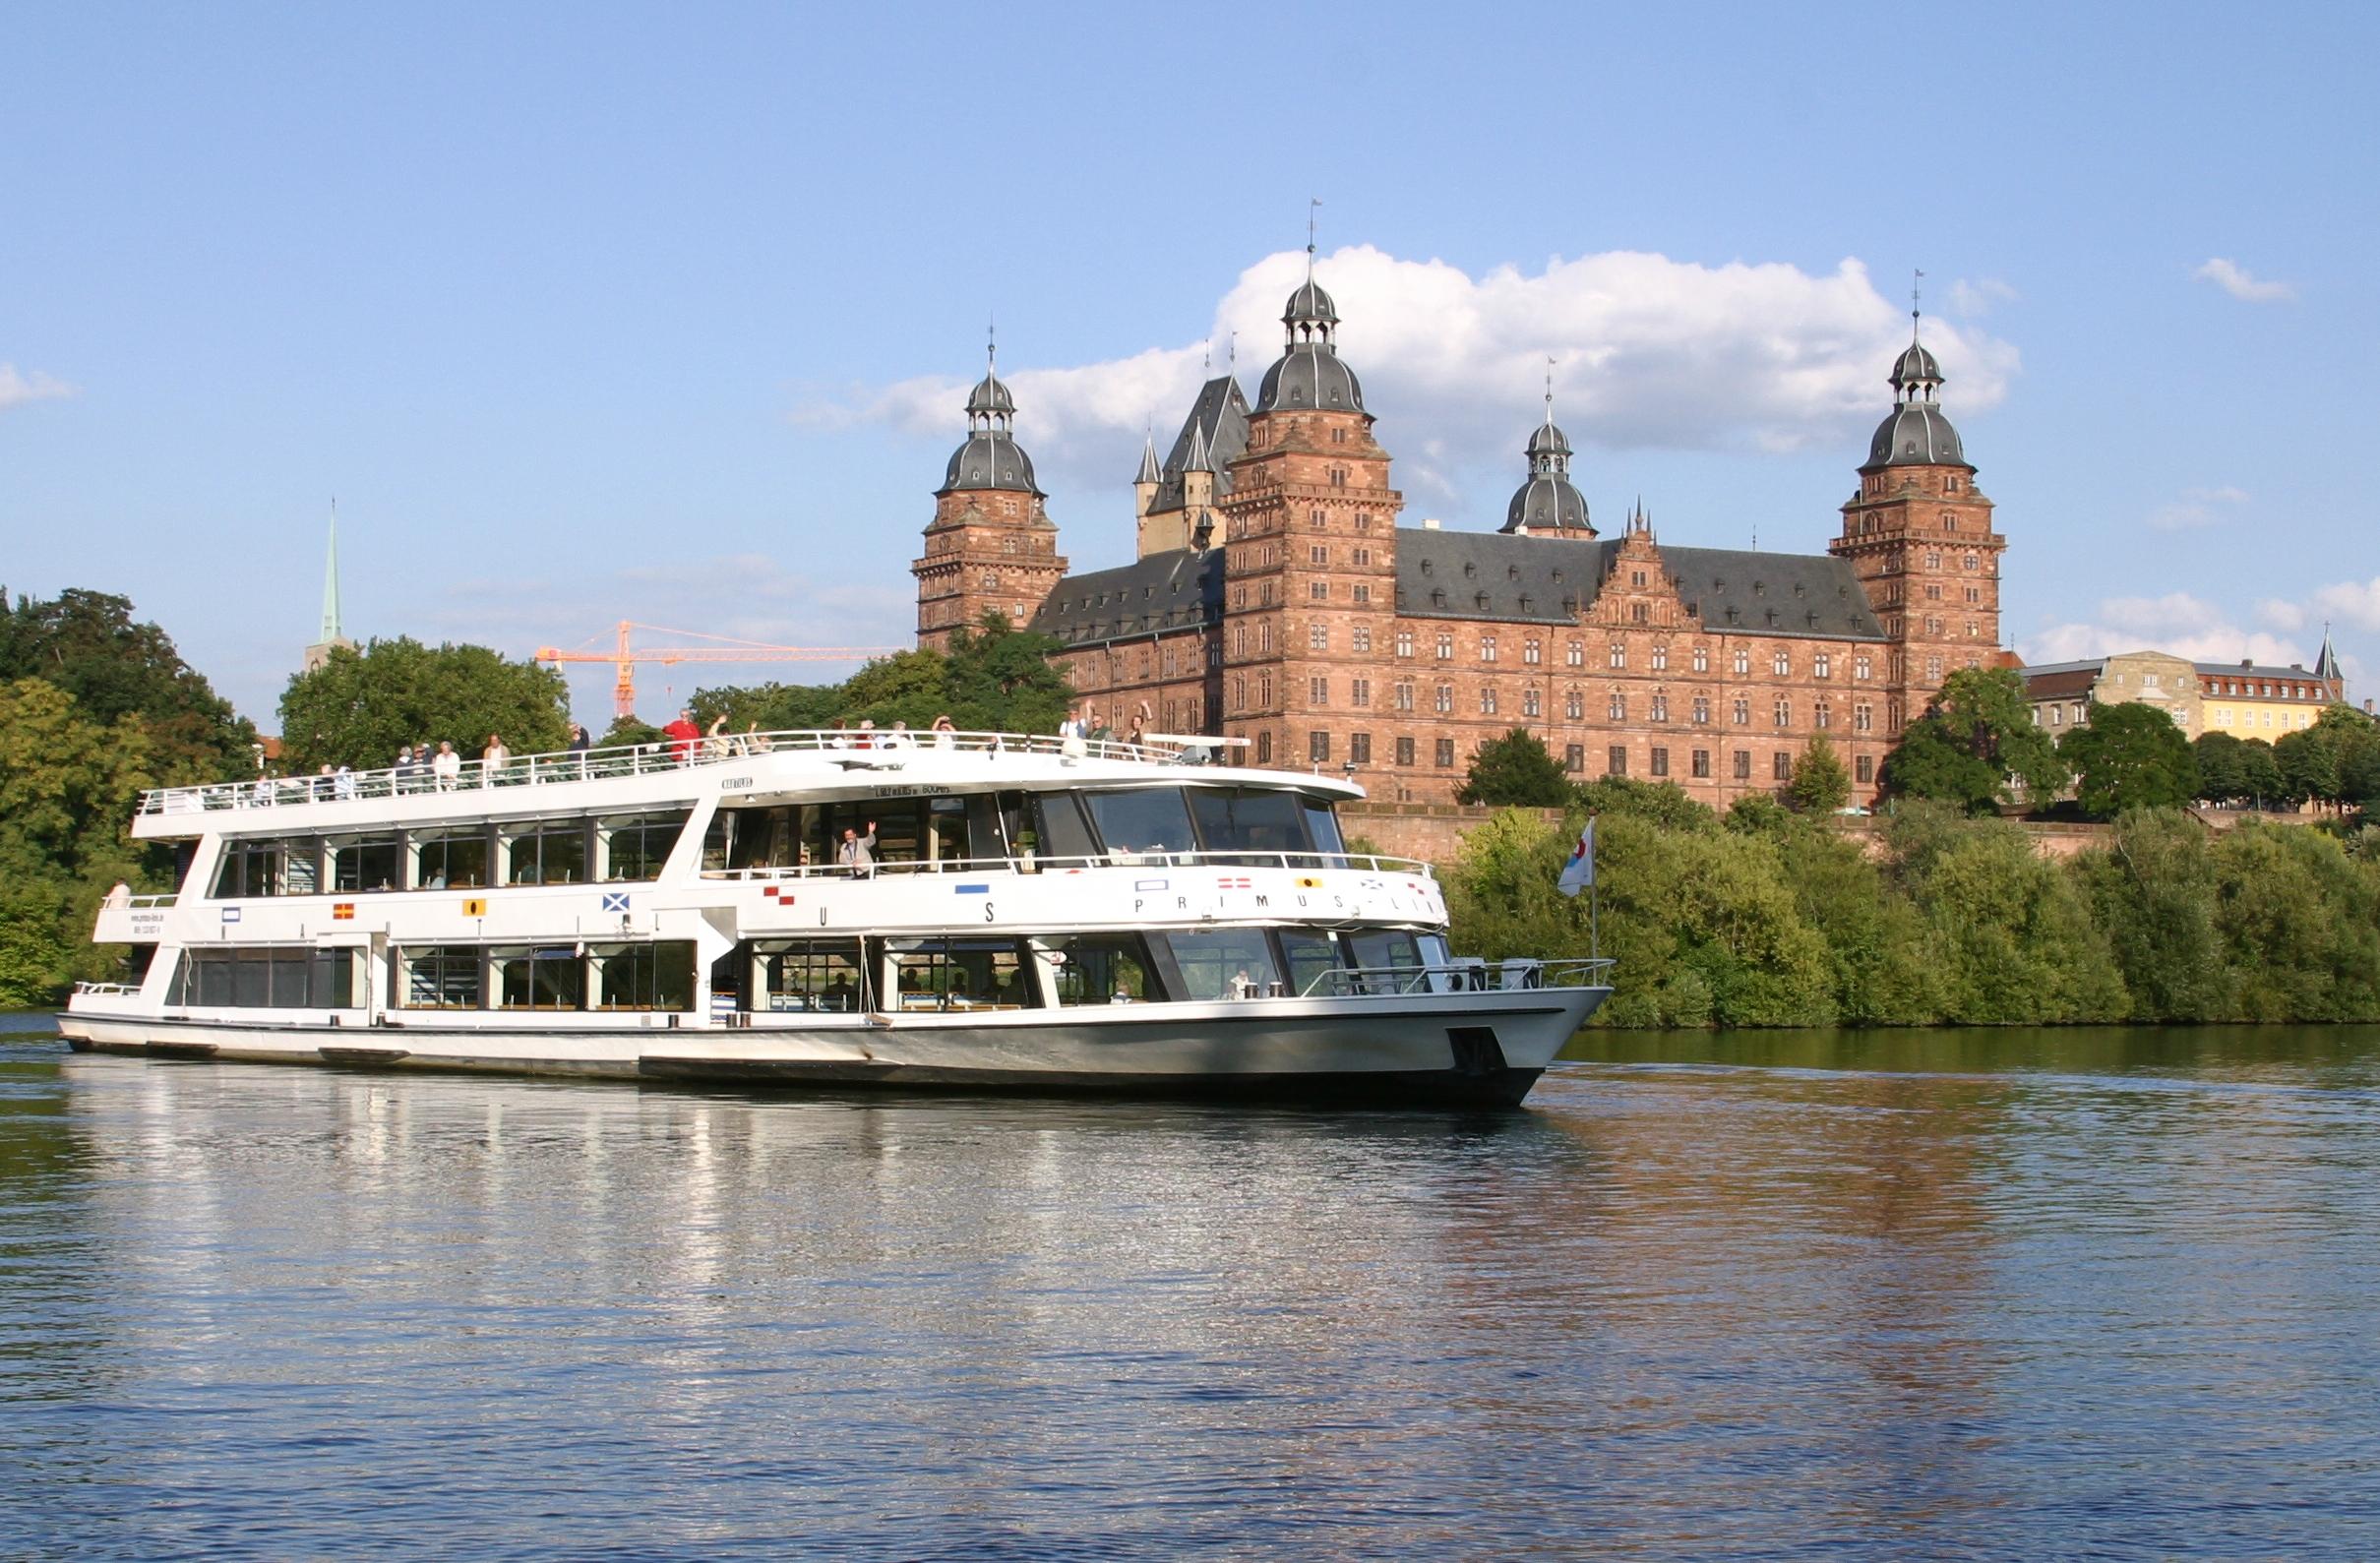 Sommer auf dem Wasser mit der Primus-Linie ©Frankfurter Personenschiffahrt, Primus-Linie